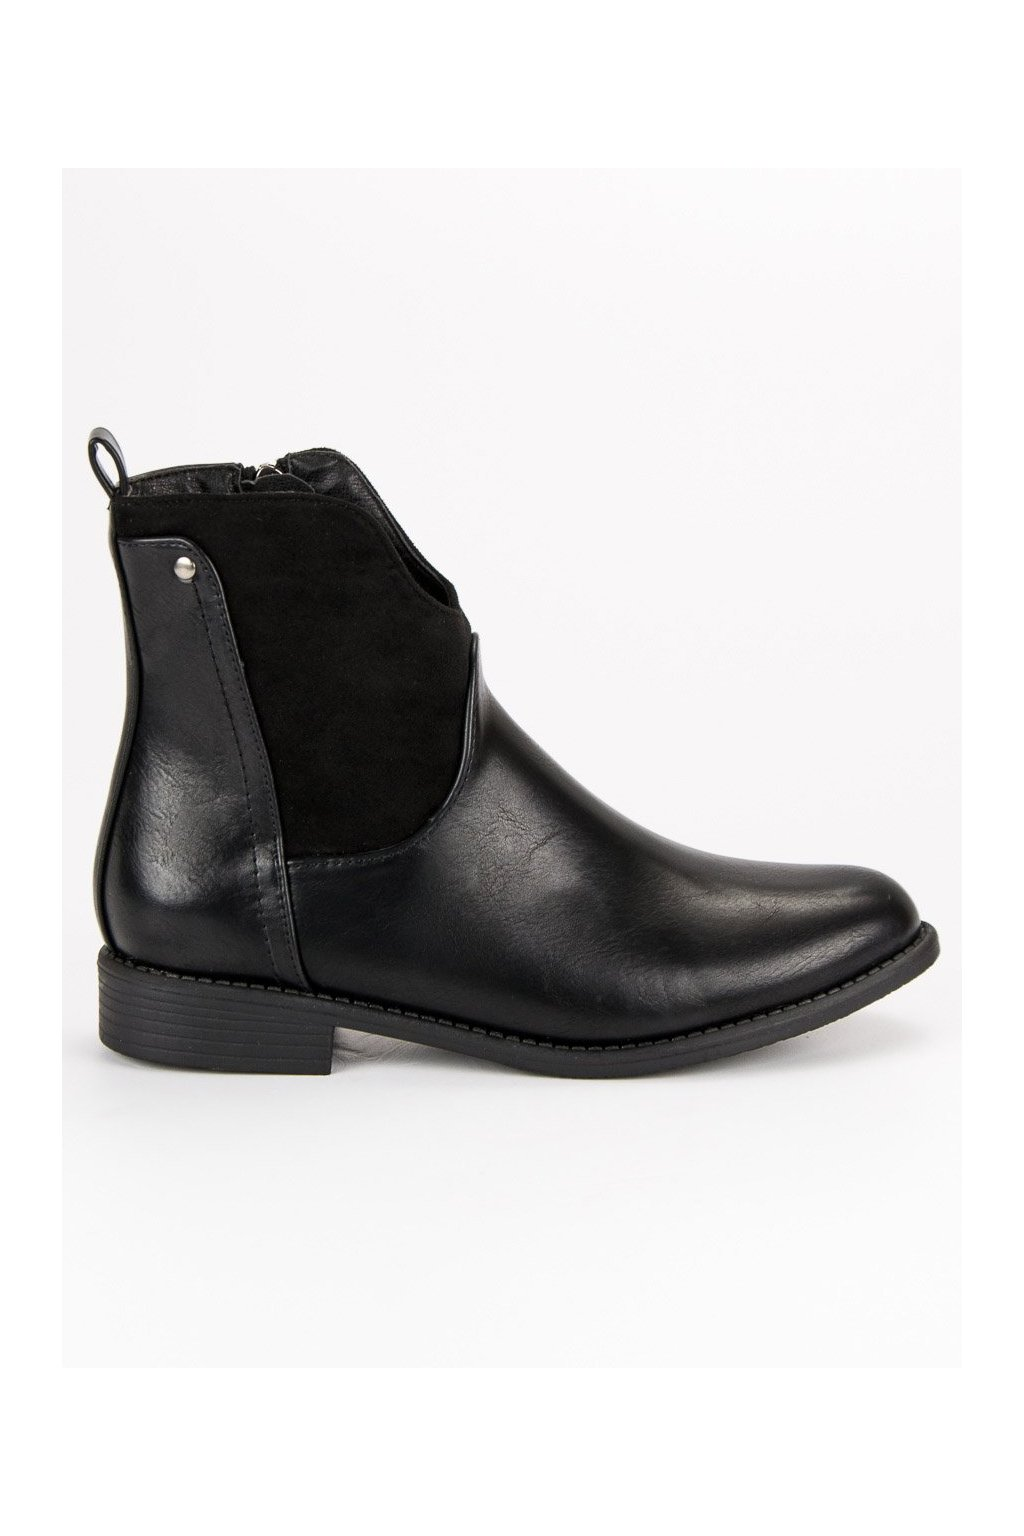 Dámske štýlové topánky na jeseň čierne Filippo  d6d6f7090dd